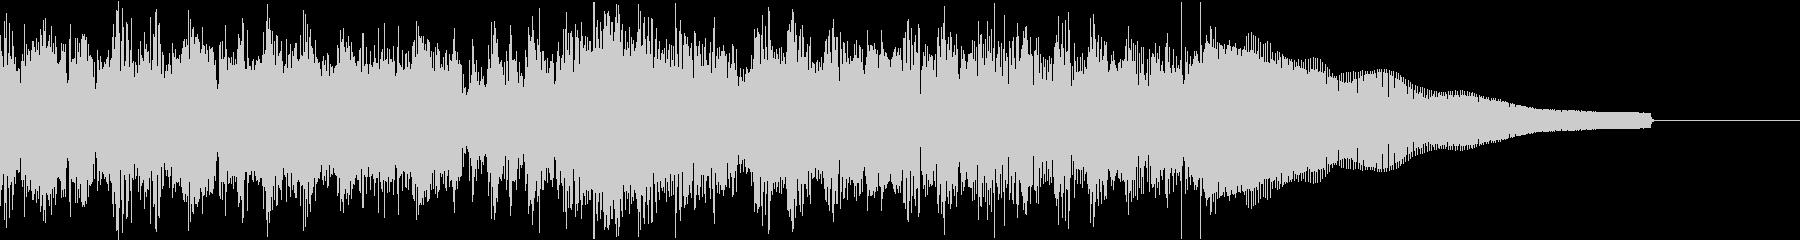 カントリー風ギターイントロ−07Gの未再生の波形